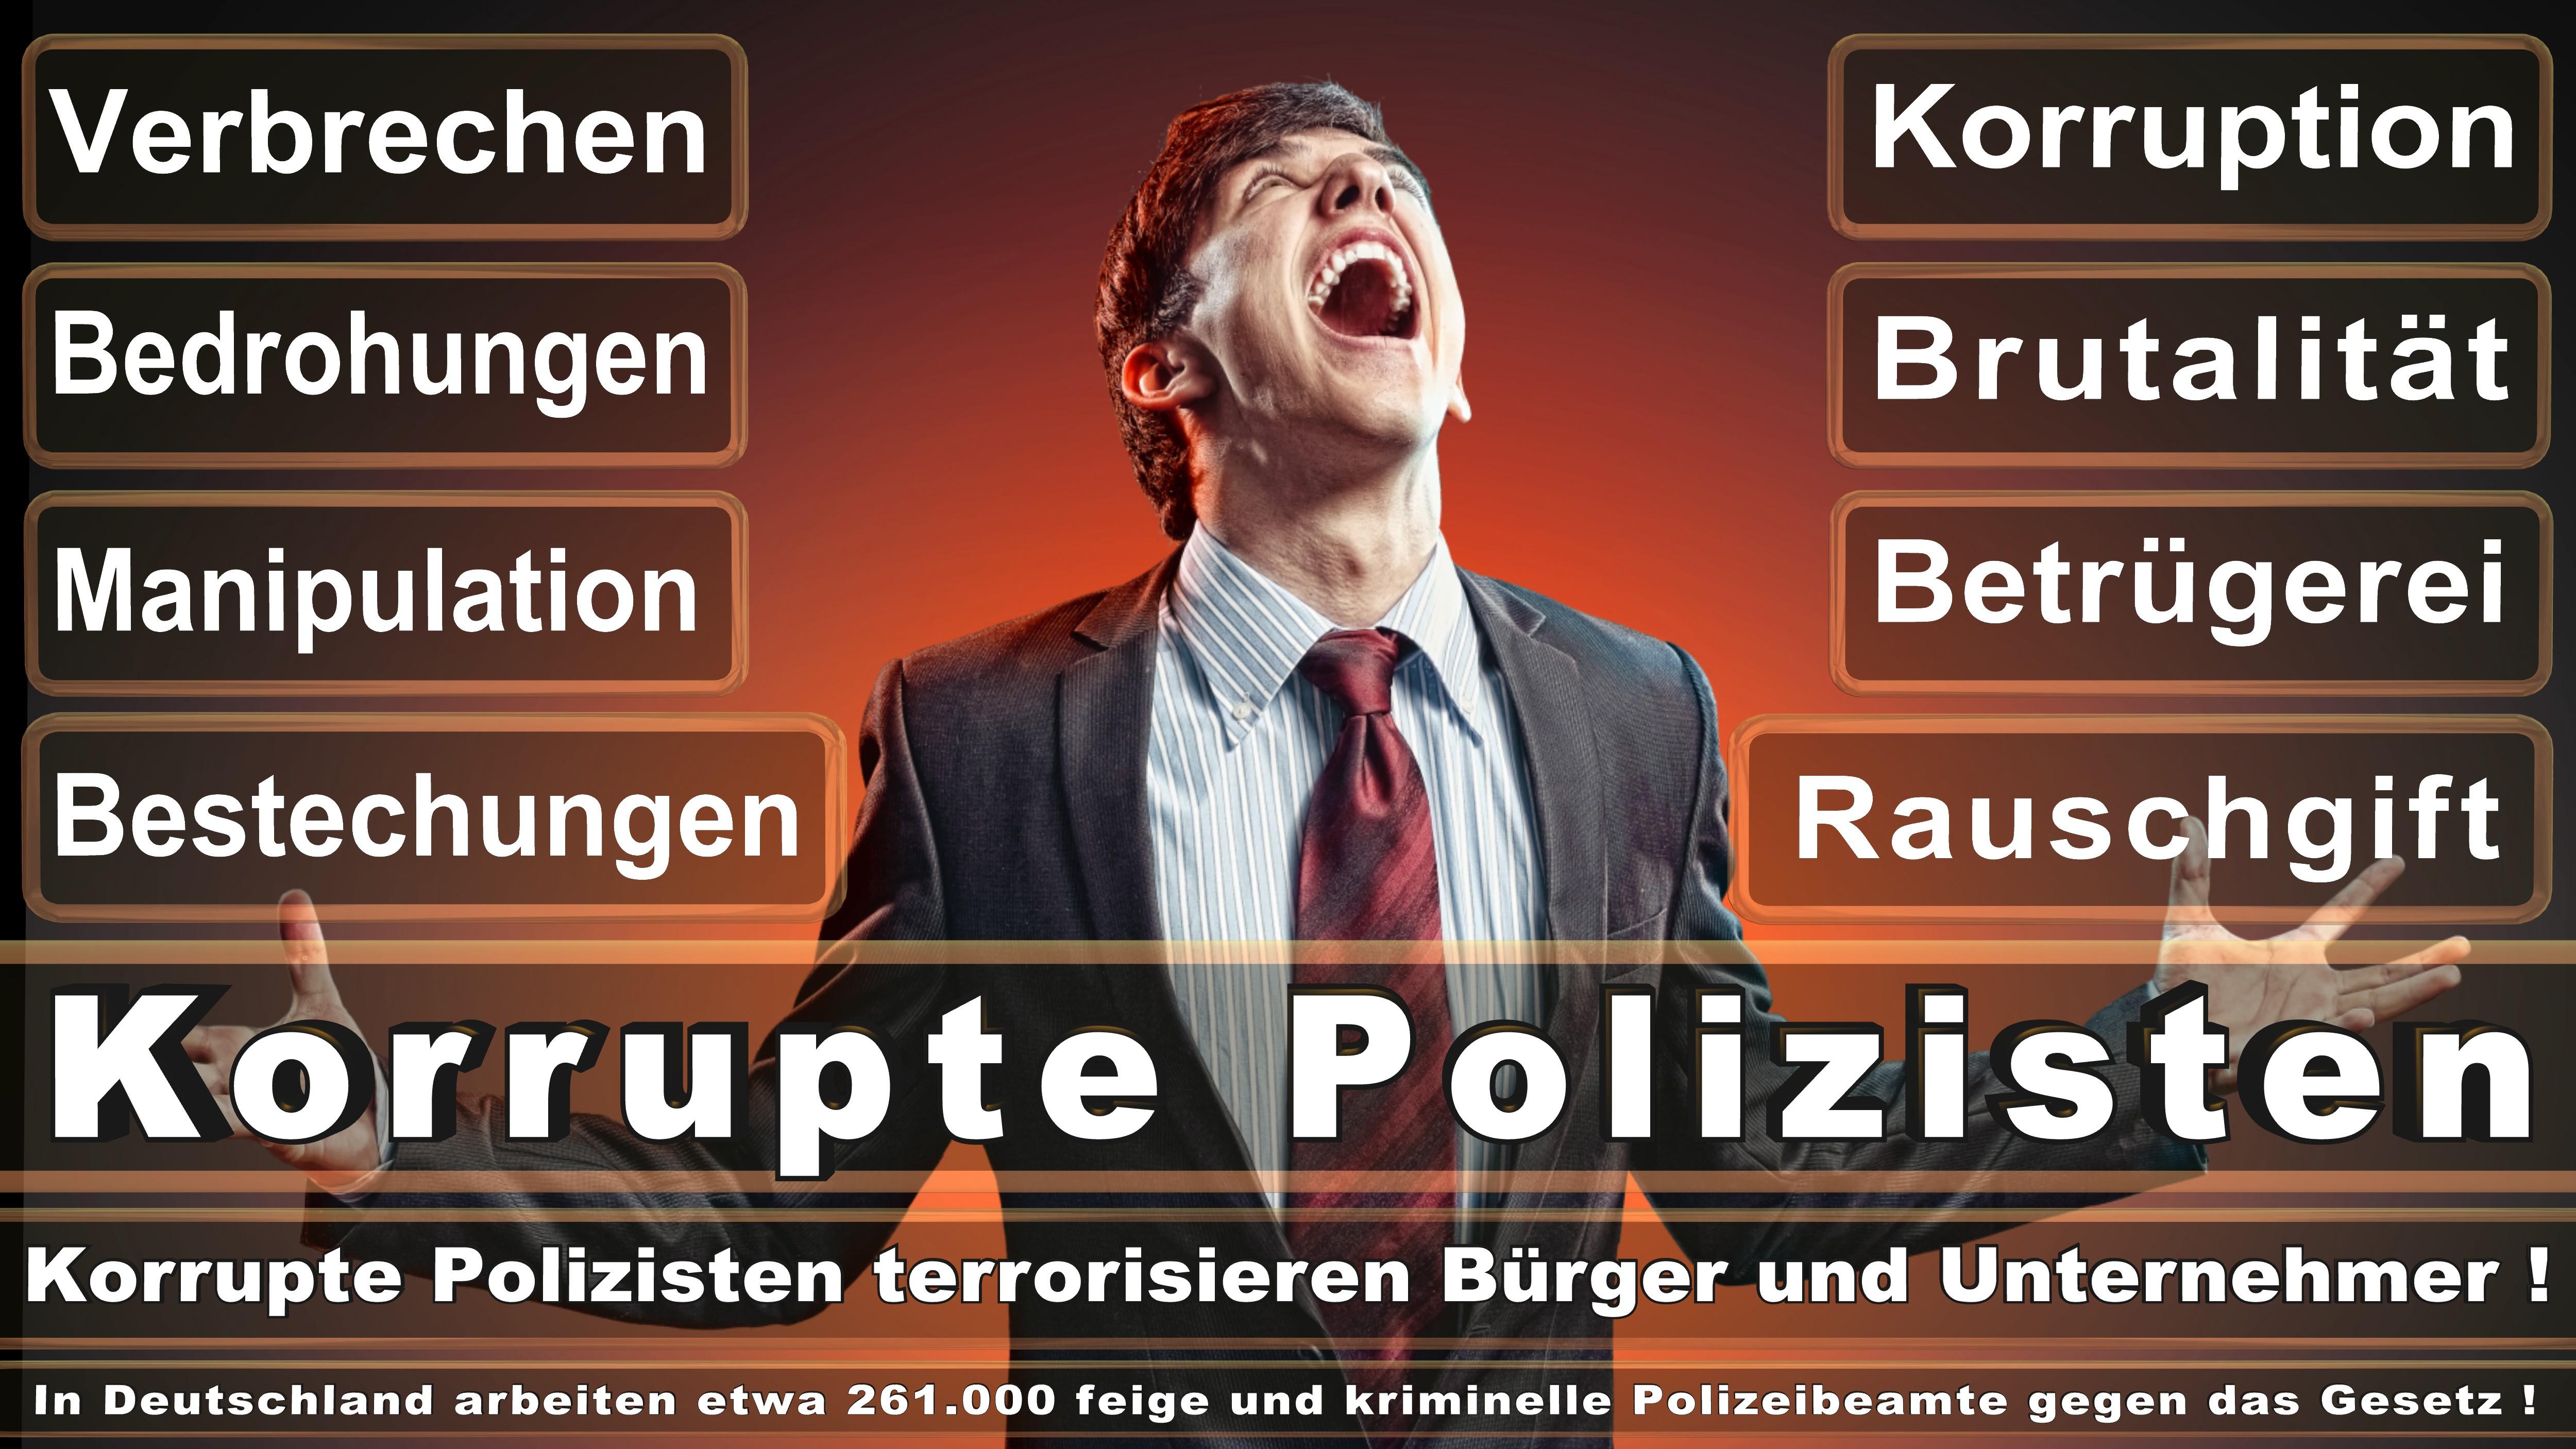 Polizei-Bielefeld (167) Ausbildung, Praktikum, Stellenangebote, Aktuelle, Gütersloh, Polizeinachrichten, Arminia, Unfall, A2, Polizeirevier,